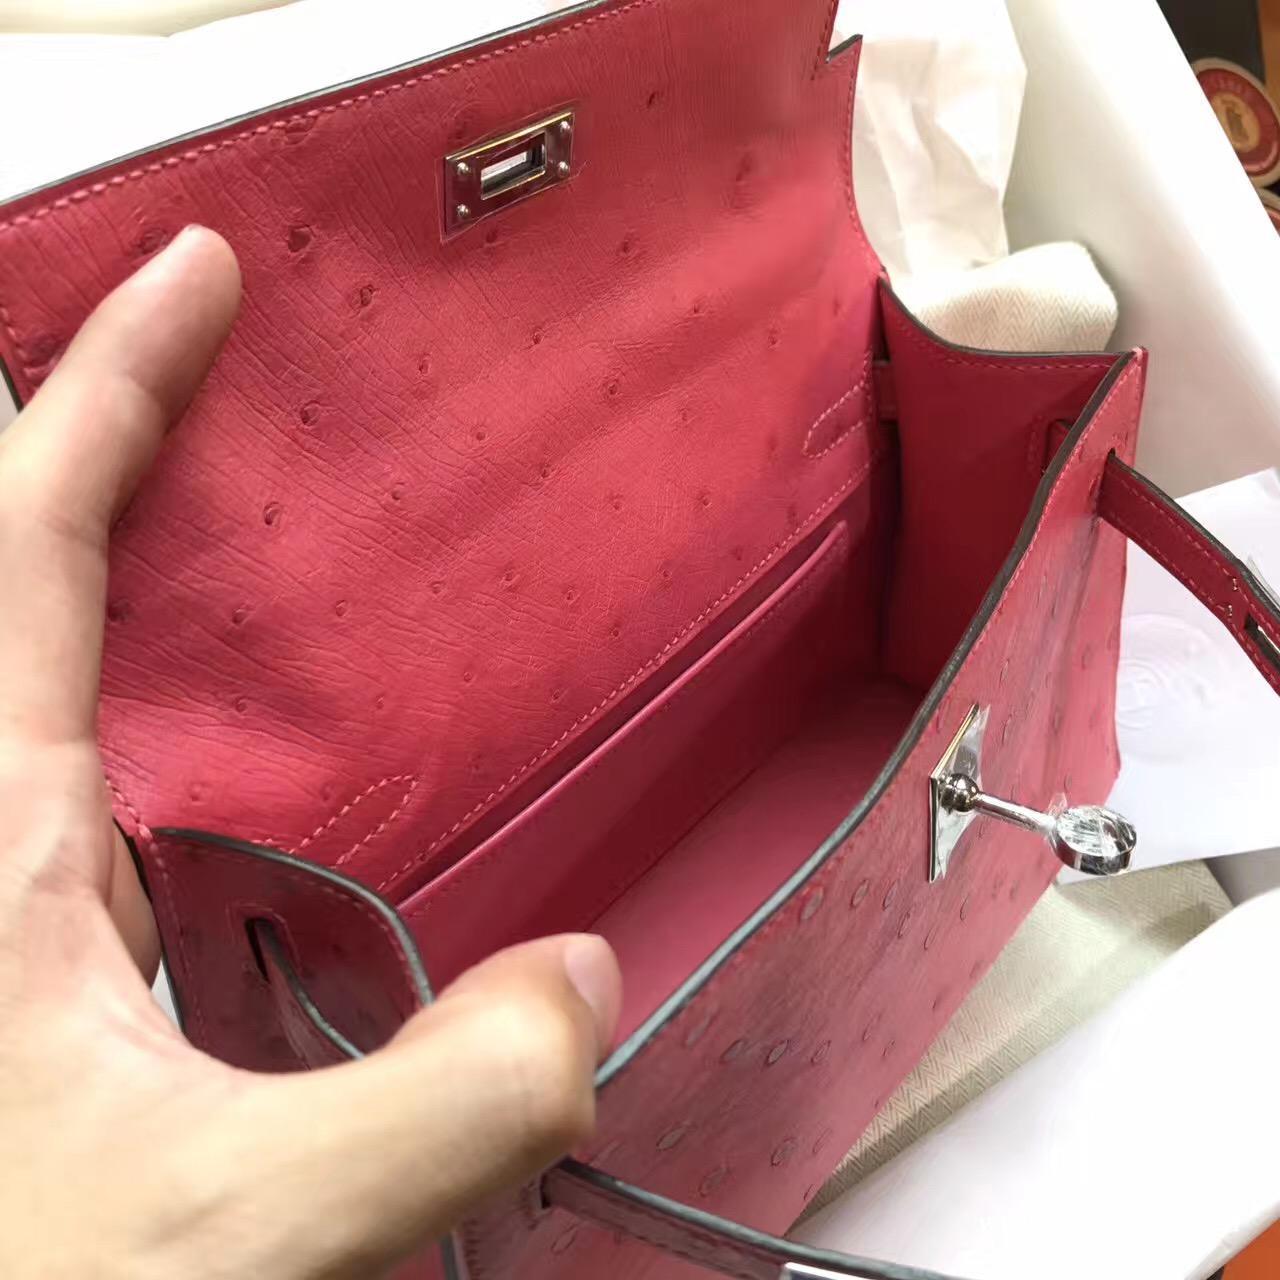 愛馬仕Hermes mini Kelly壹代 鸵鸟新颜色8W Rose Azalee新唇膏粉色 银色金属